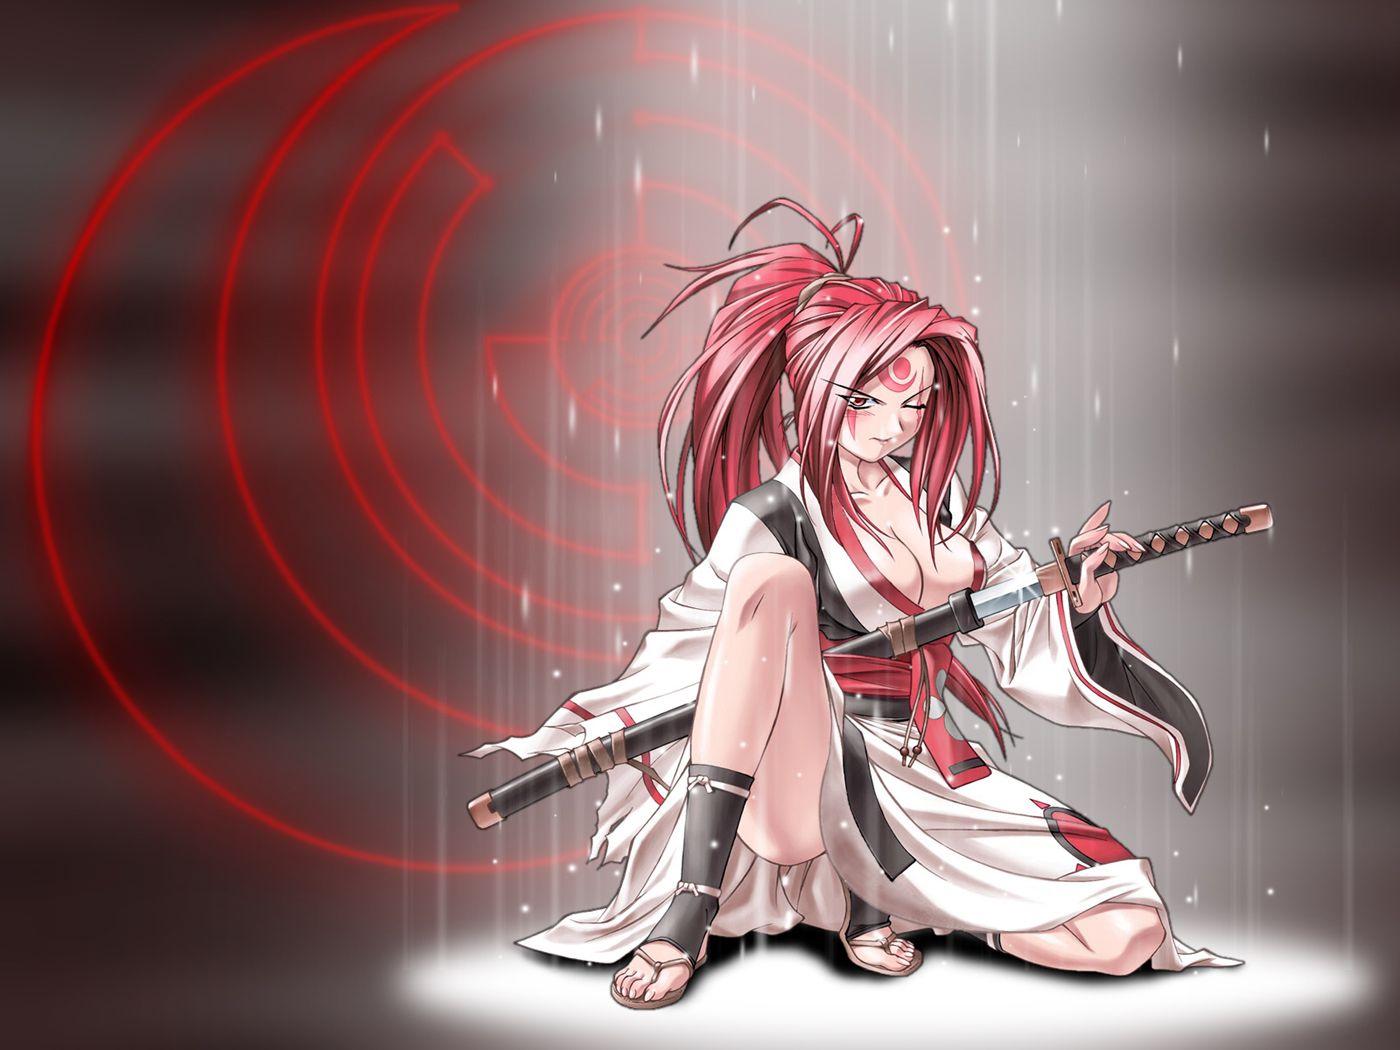 Baiken Guilty Gear Anime Anime Warrior